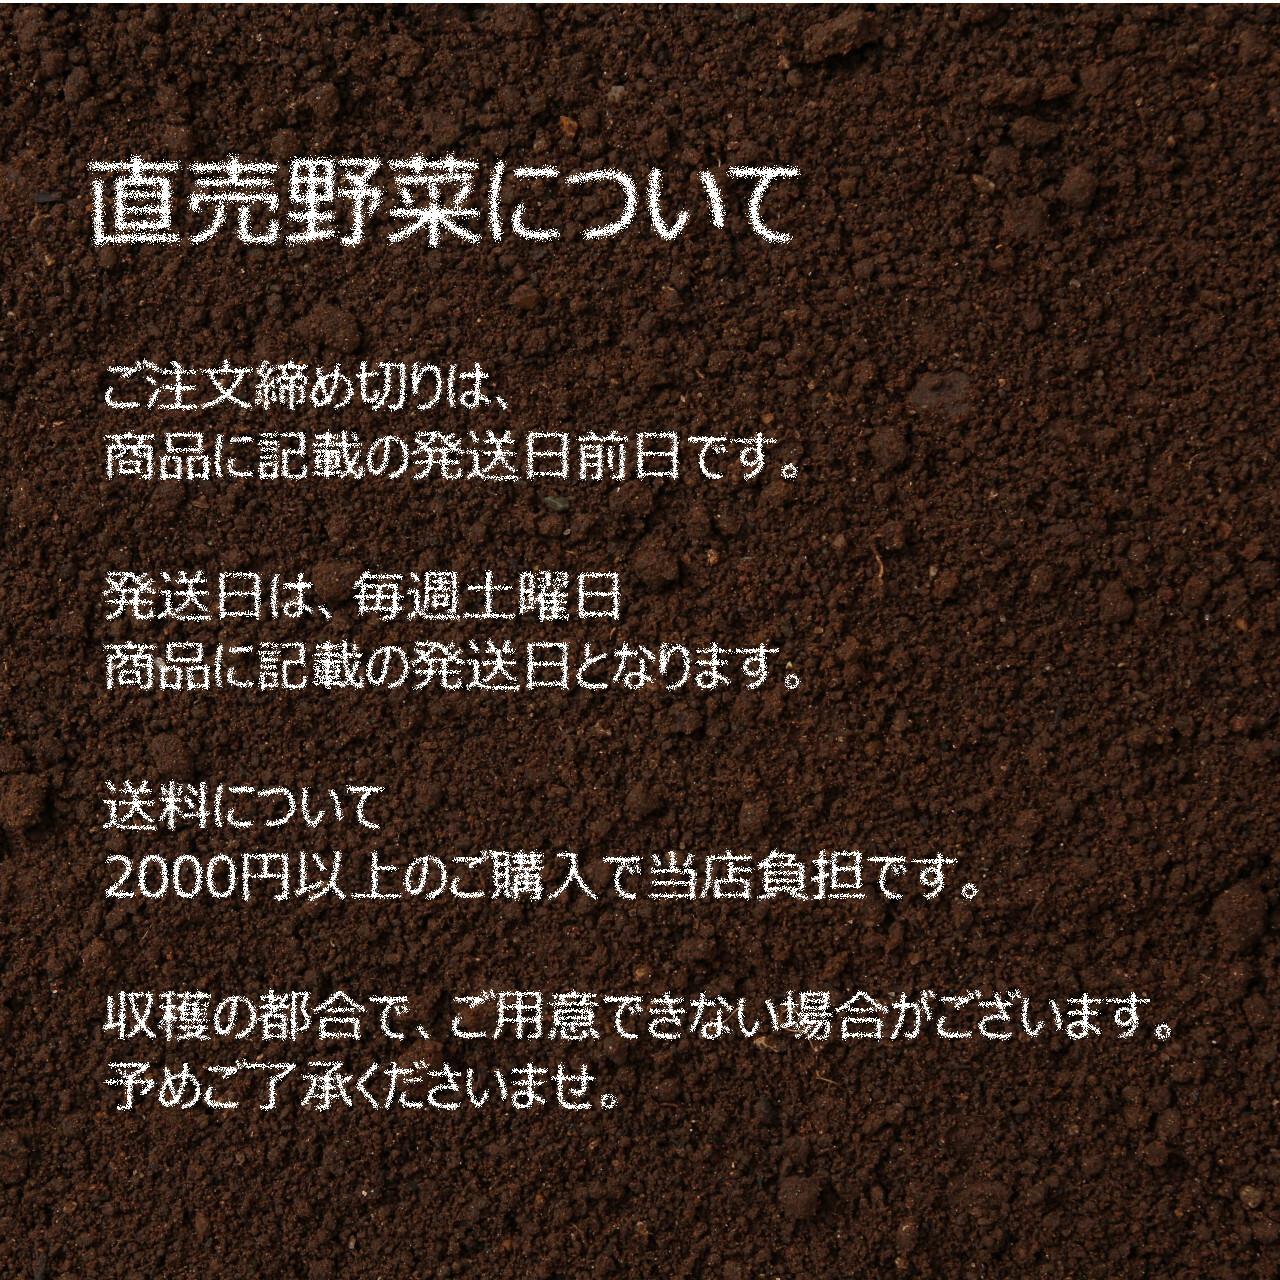 新鮮な秋野菜 : 大葉 約100g 9月の朝採り直売野菜 9月5日発送予定